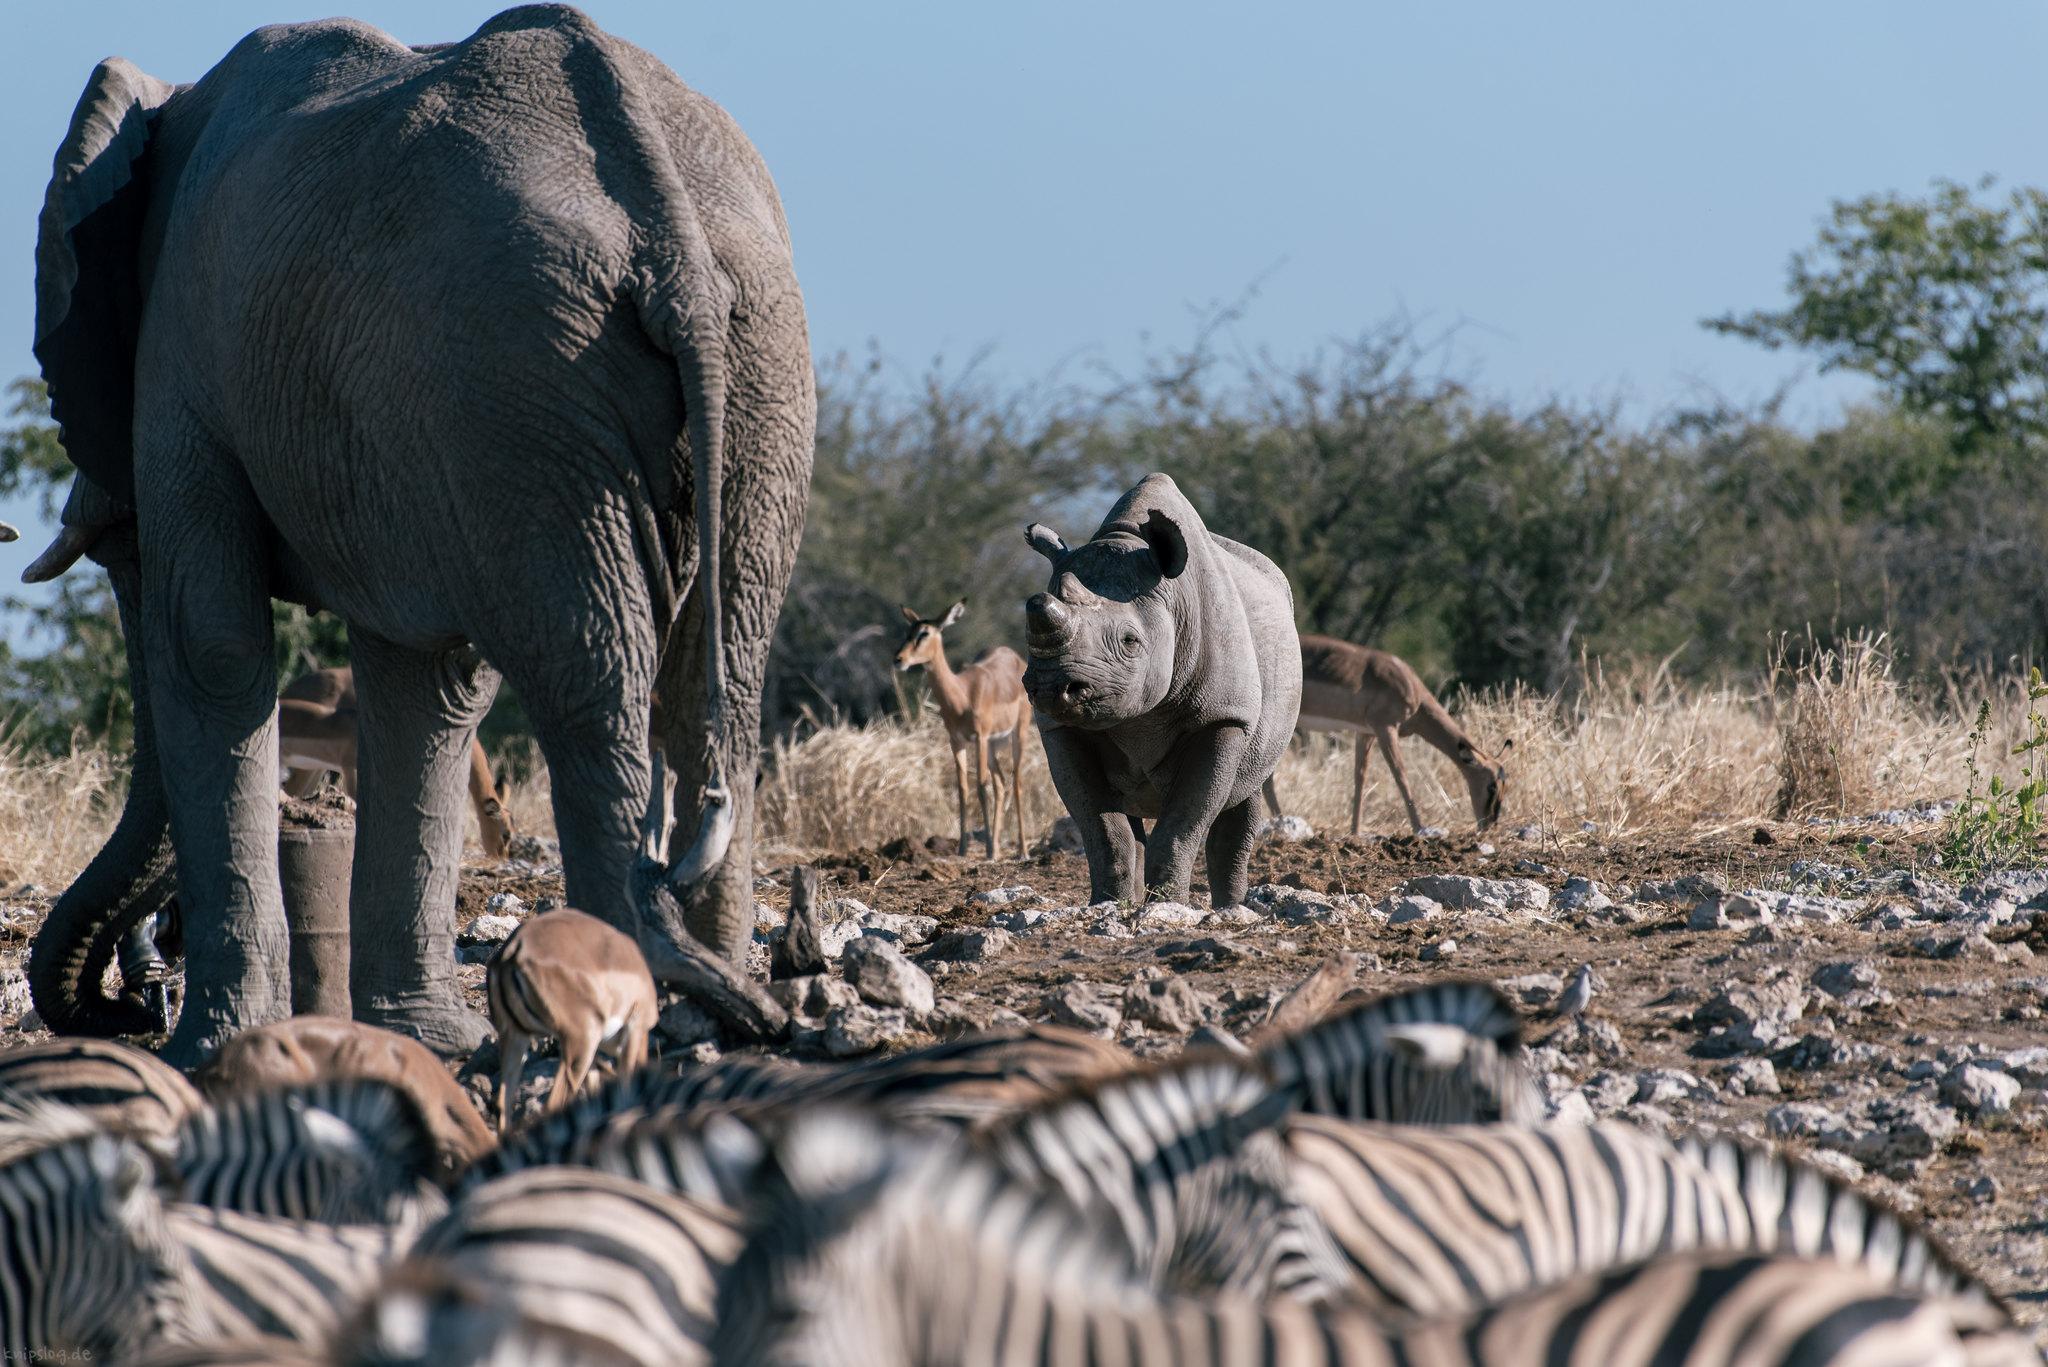 Rhino vs. elephant